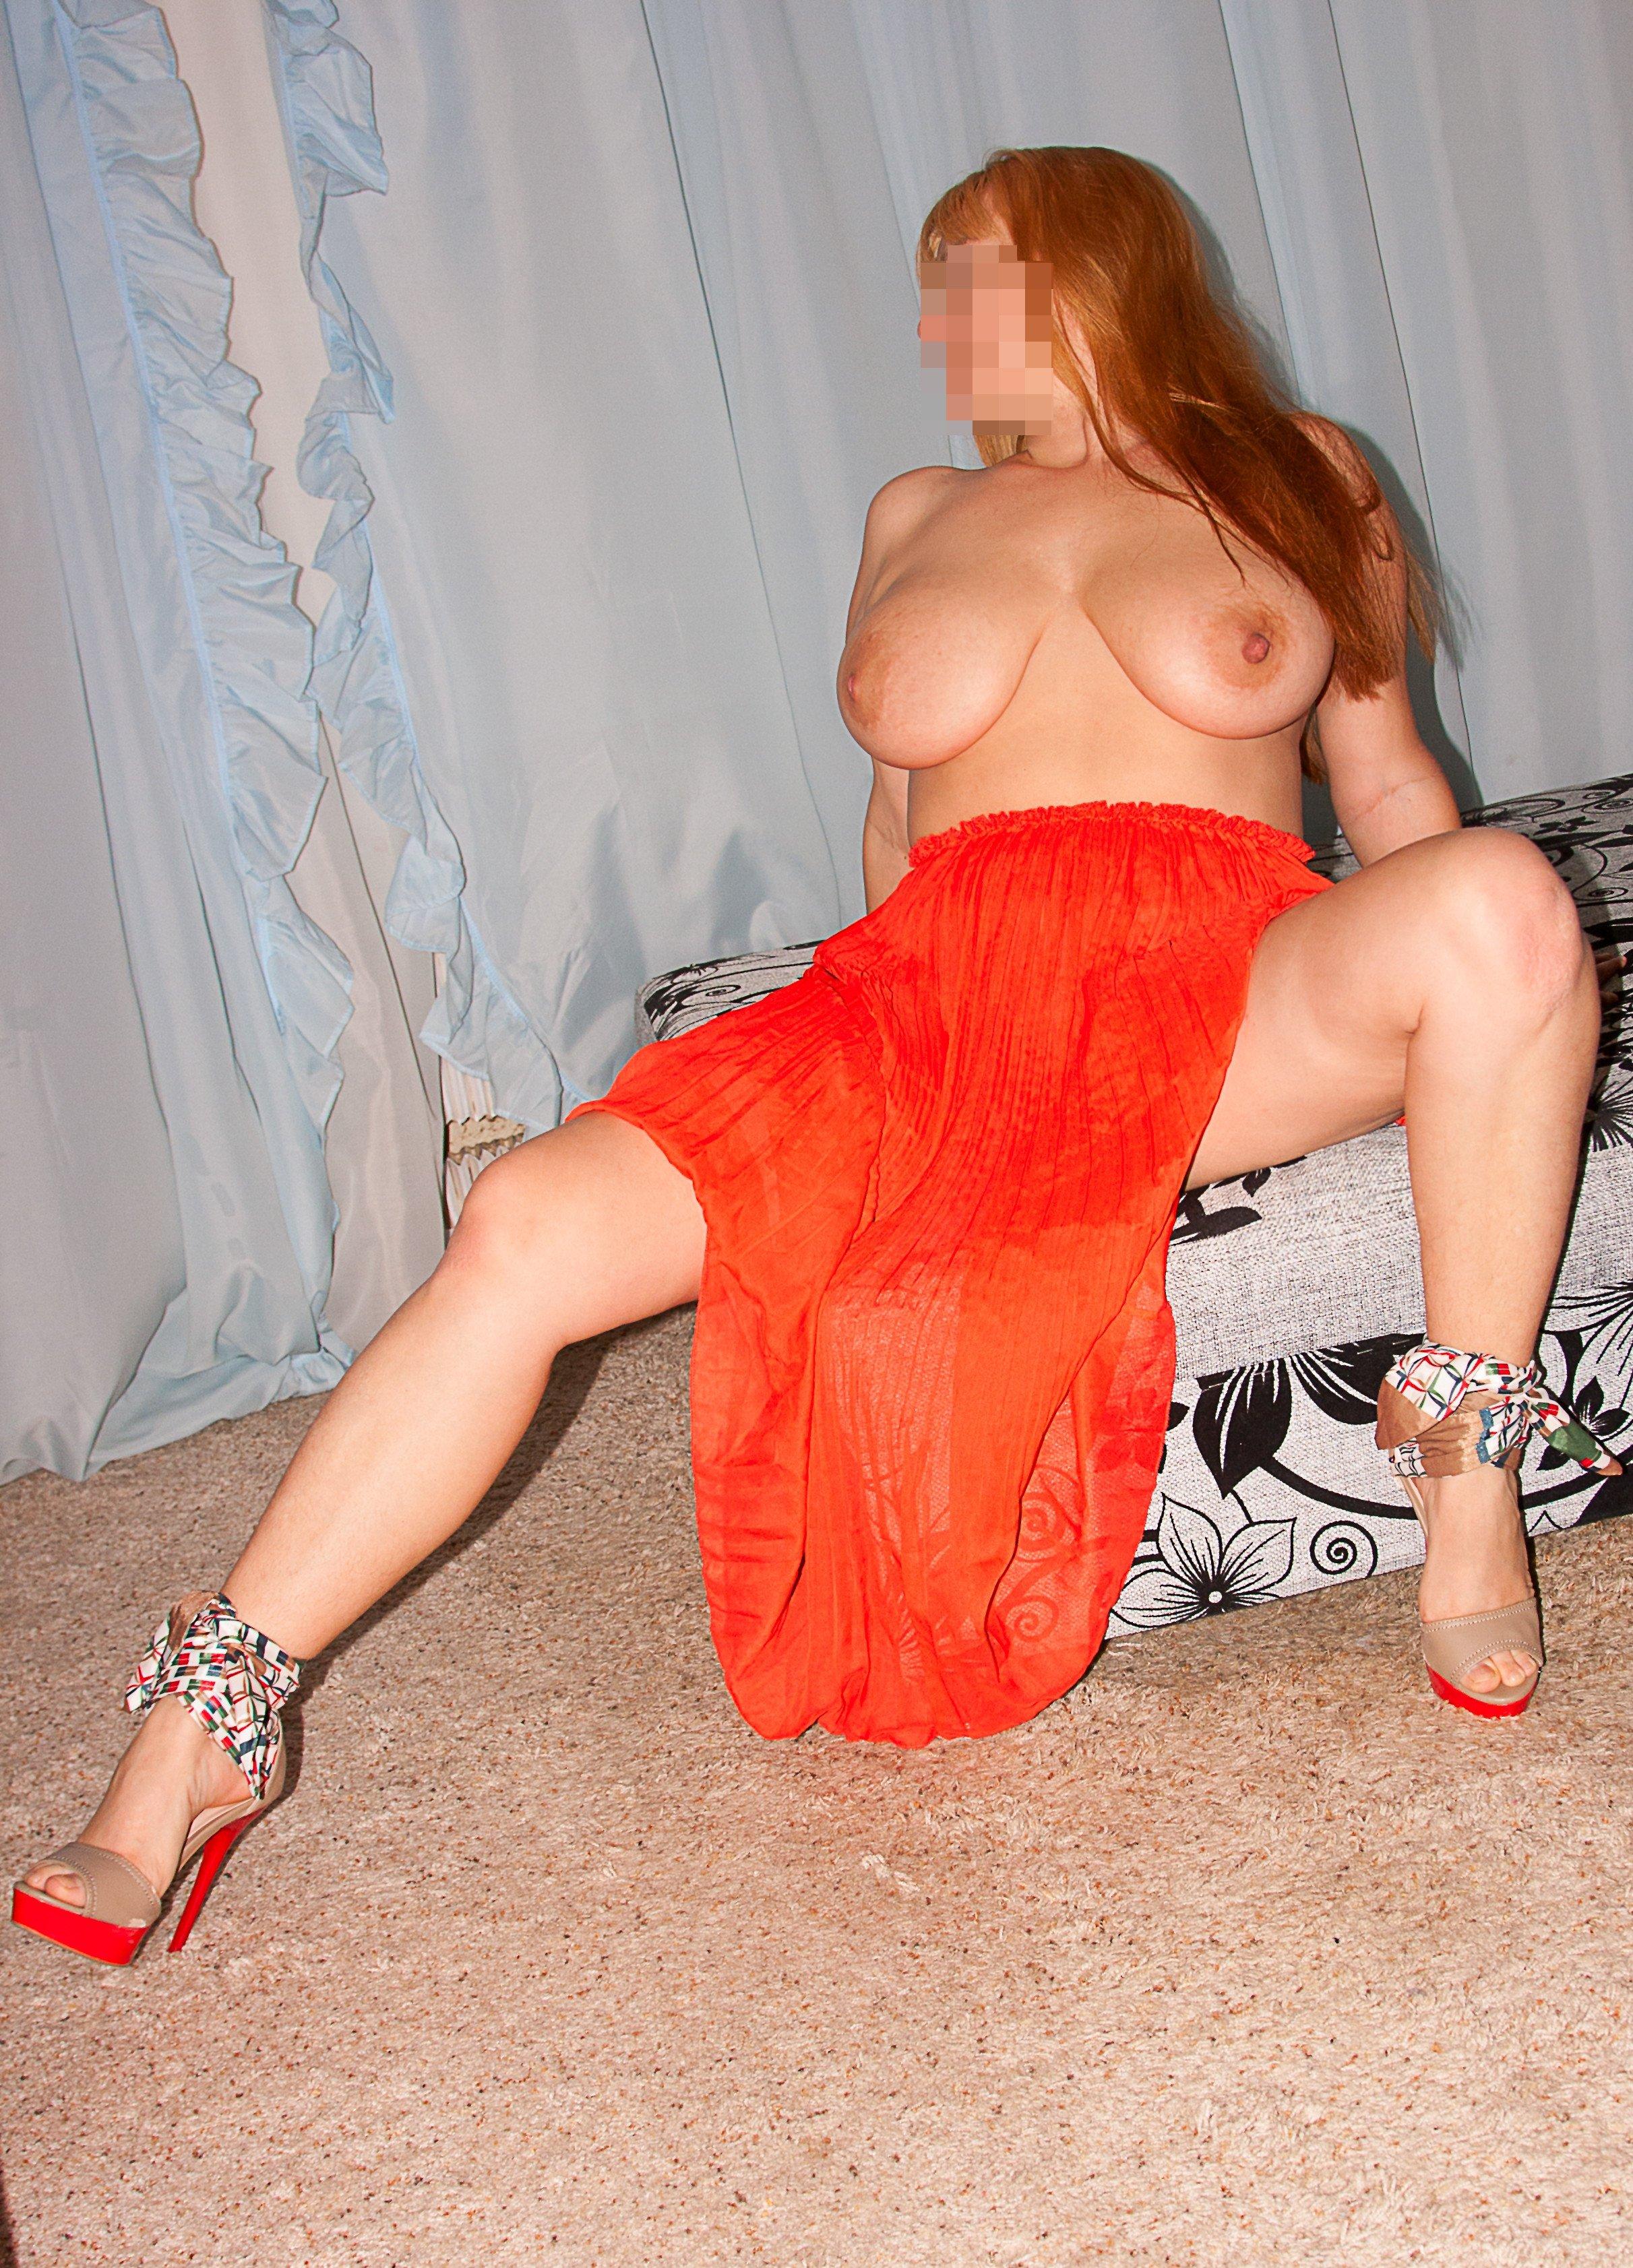 Блондинка короткими самые взрослые проститутки москвы индивидуалки зрелых деньги пришли